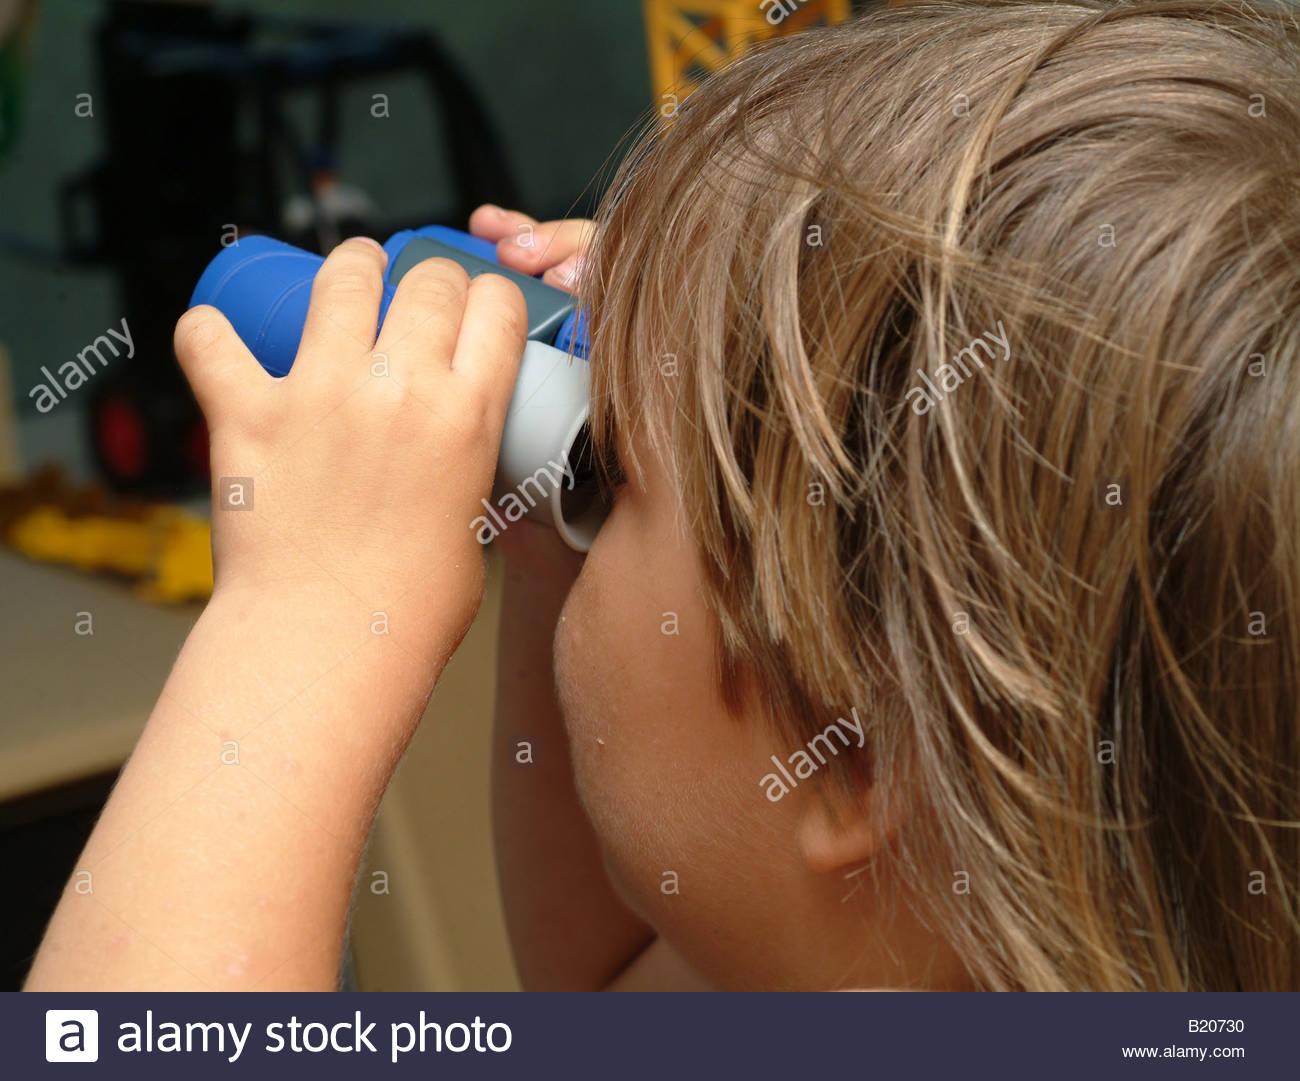 Kind auf der suche zurück zu spielzeug fernglas ansicht des kopfes